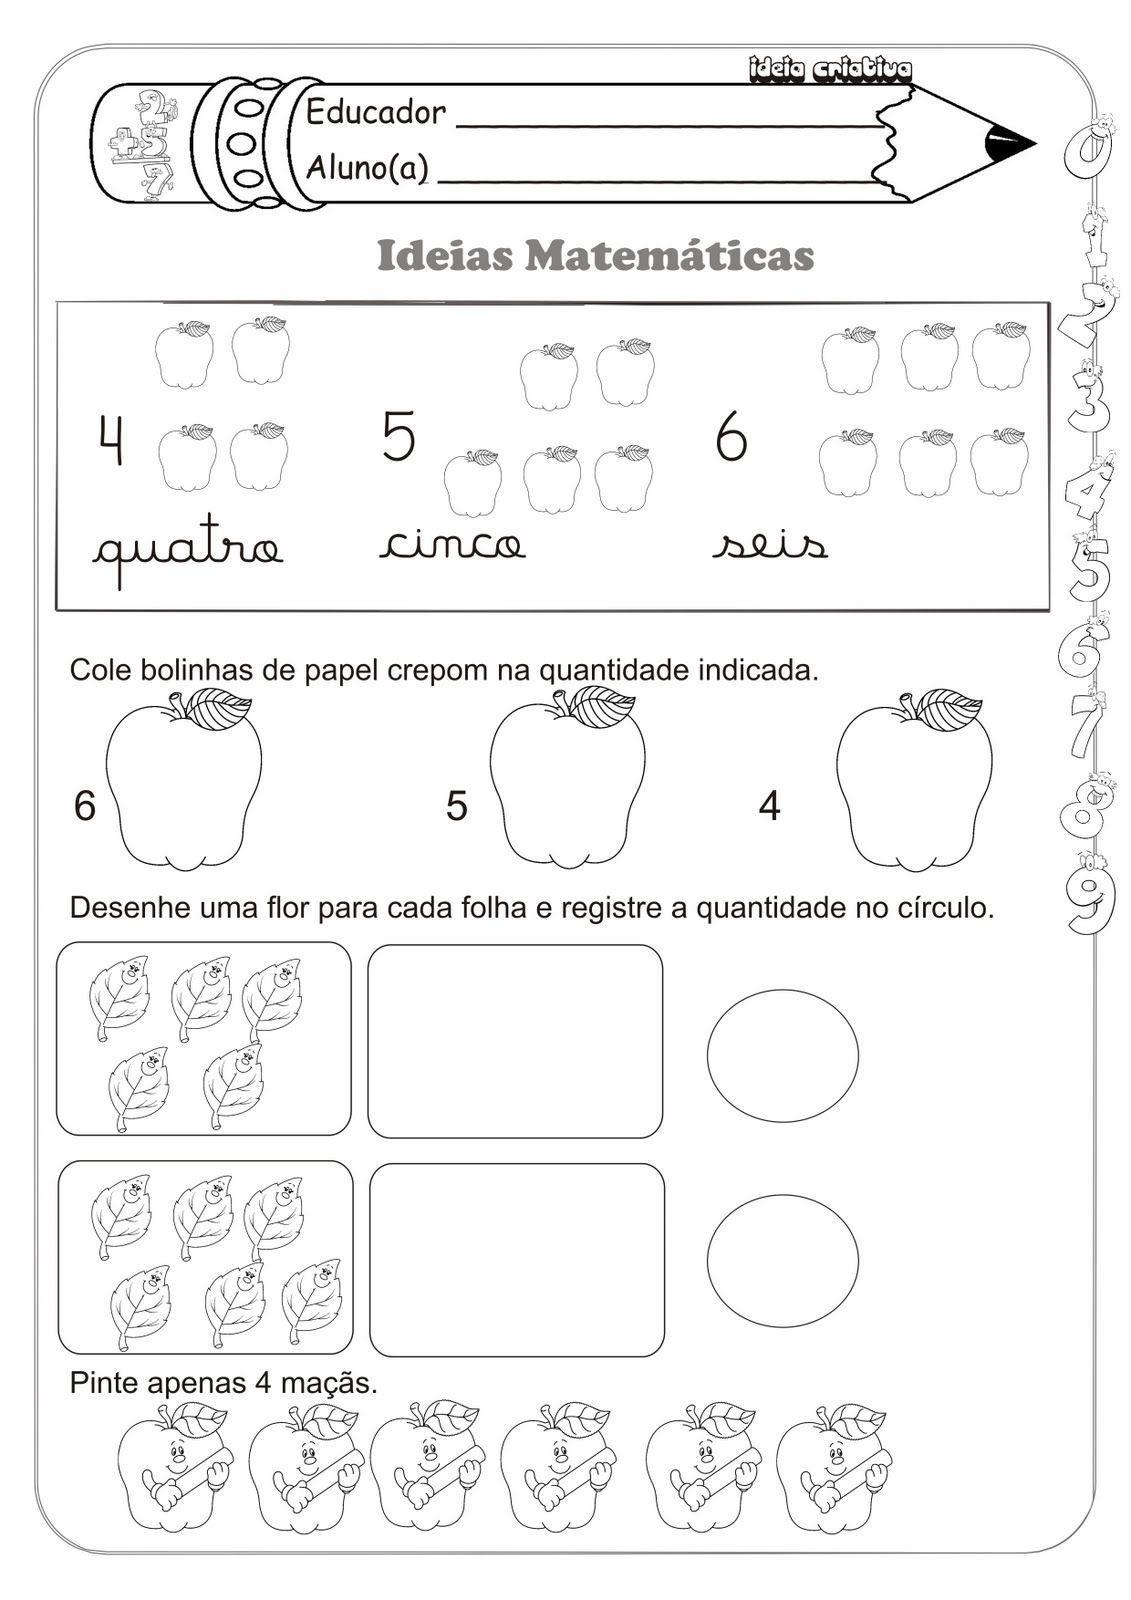 Fabuloso Sequencia Numérica Ideias Matemáticas Medida Contagem e Soma  QN61